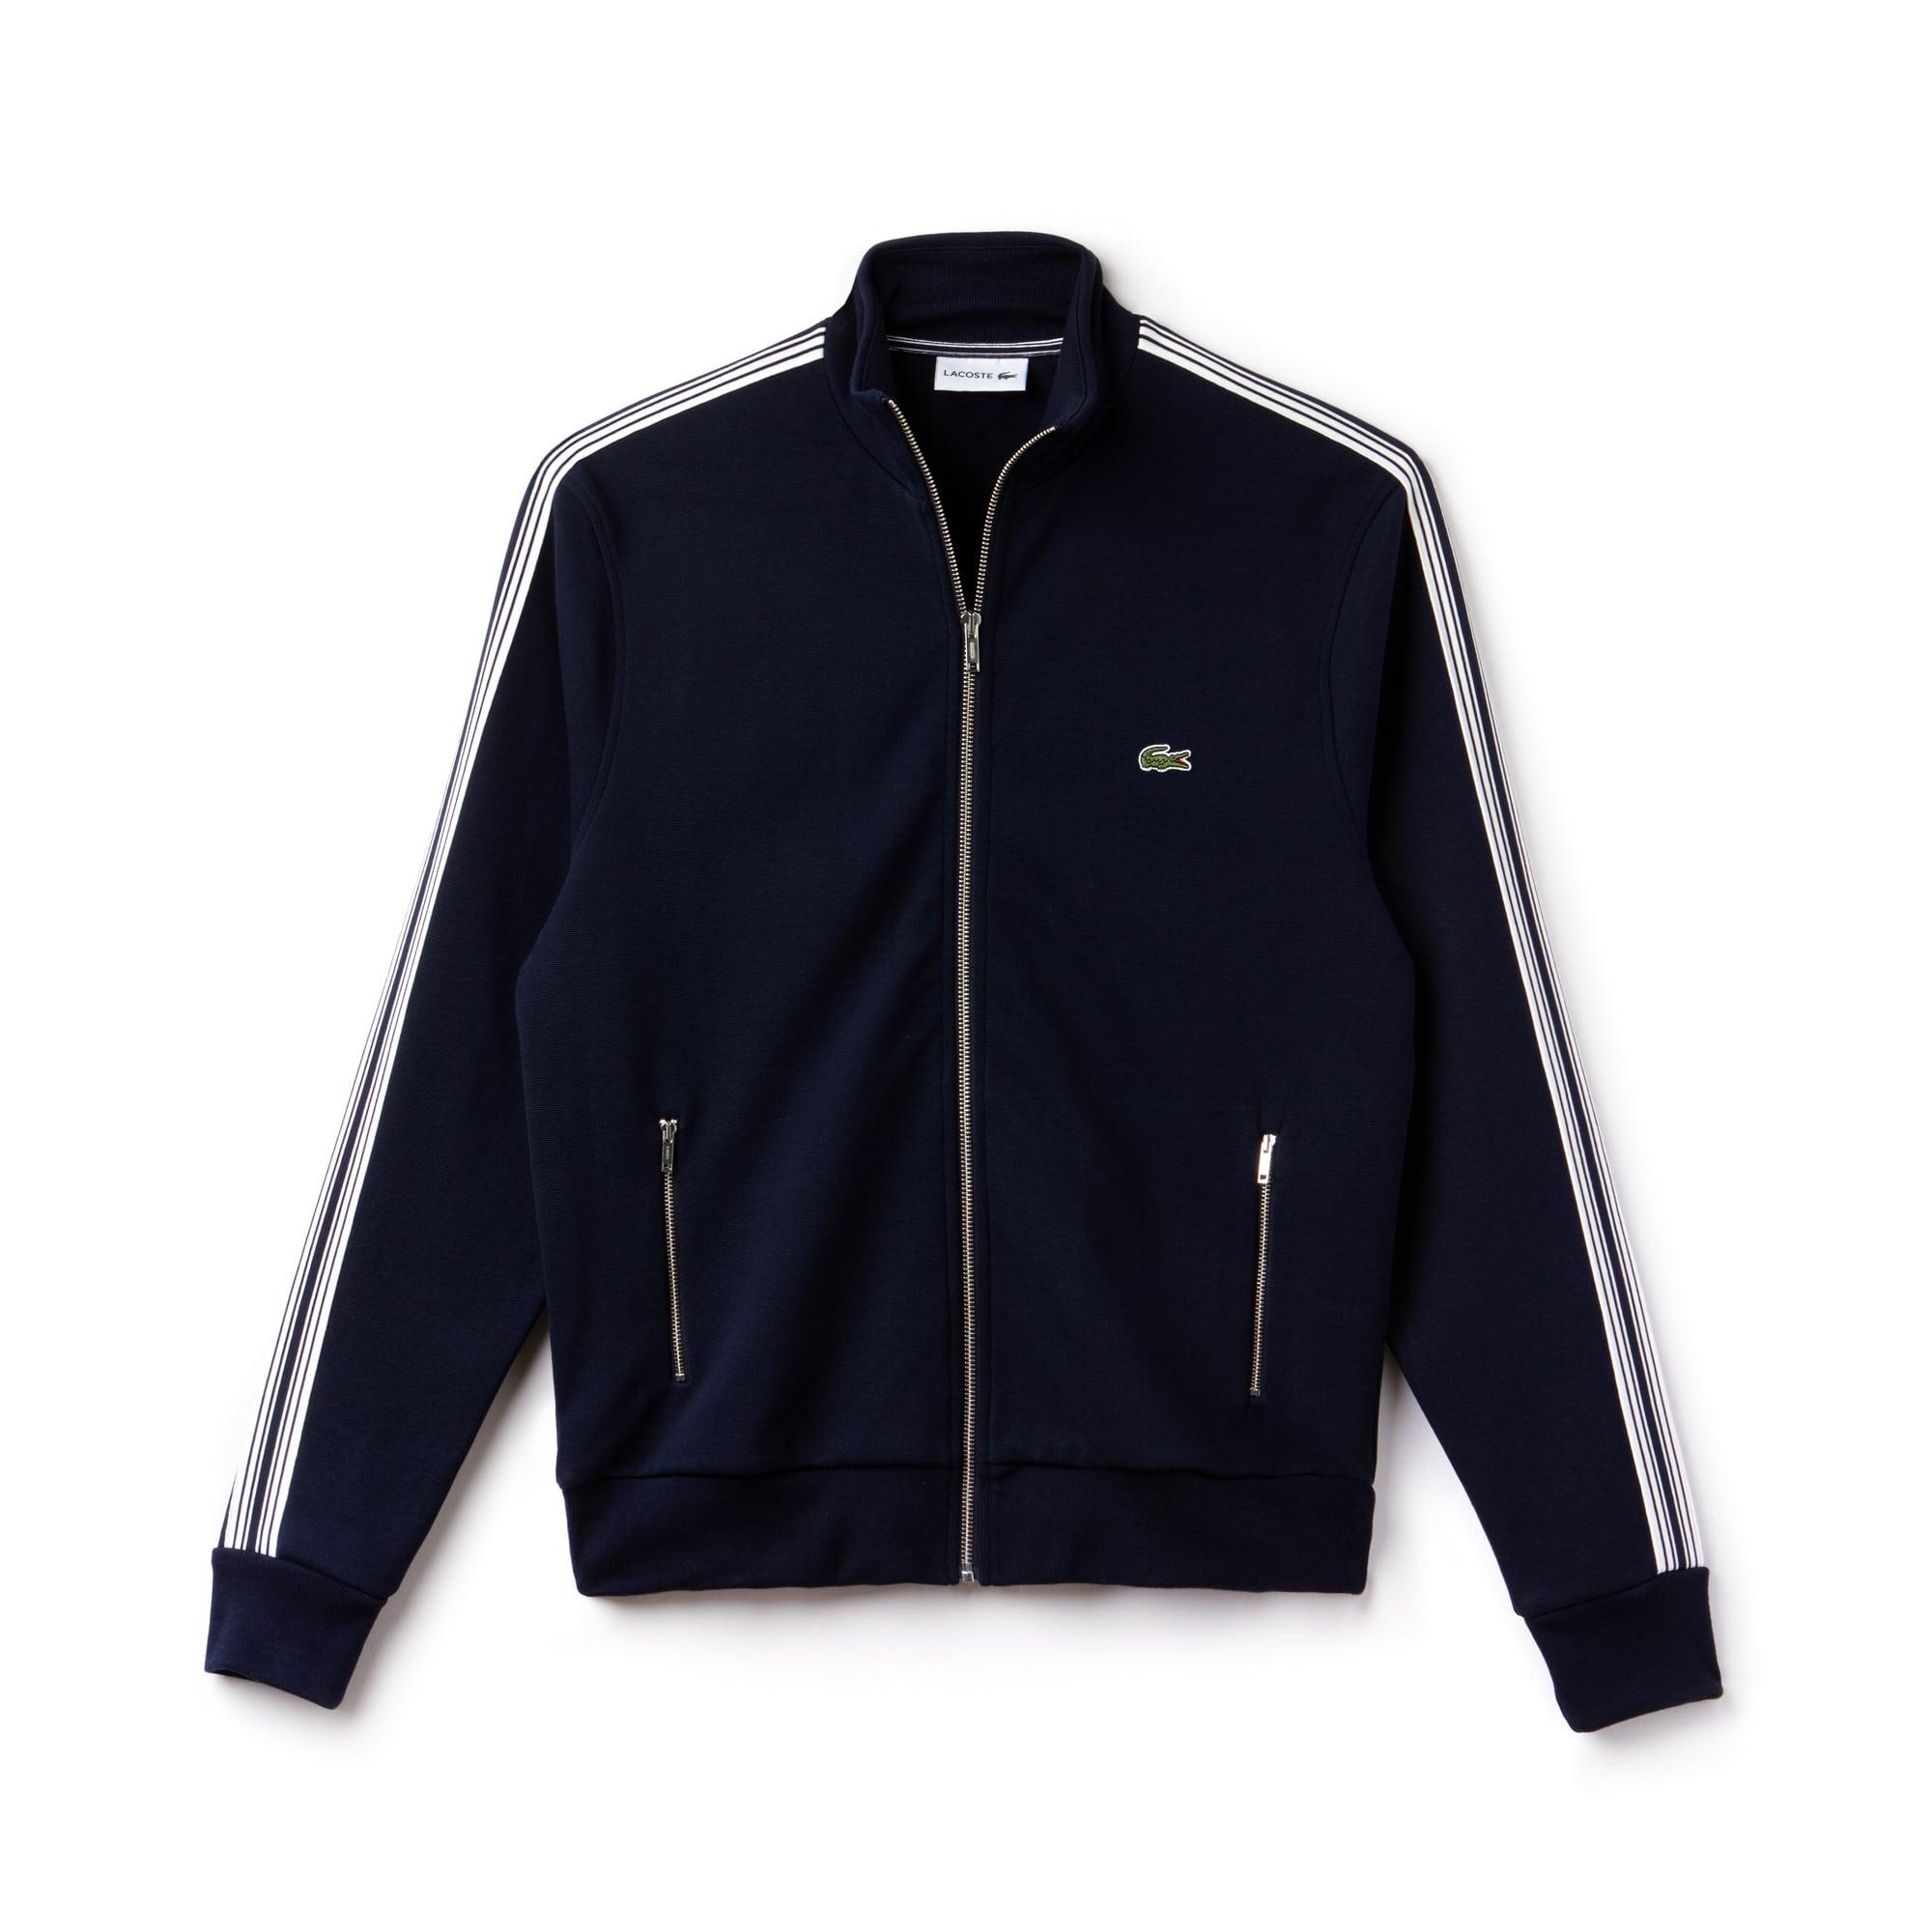 Herren-Sweatshirt aus Milano-Baumwolle mit Kontraststreifen